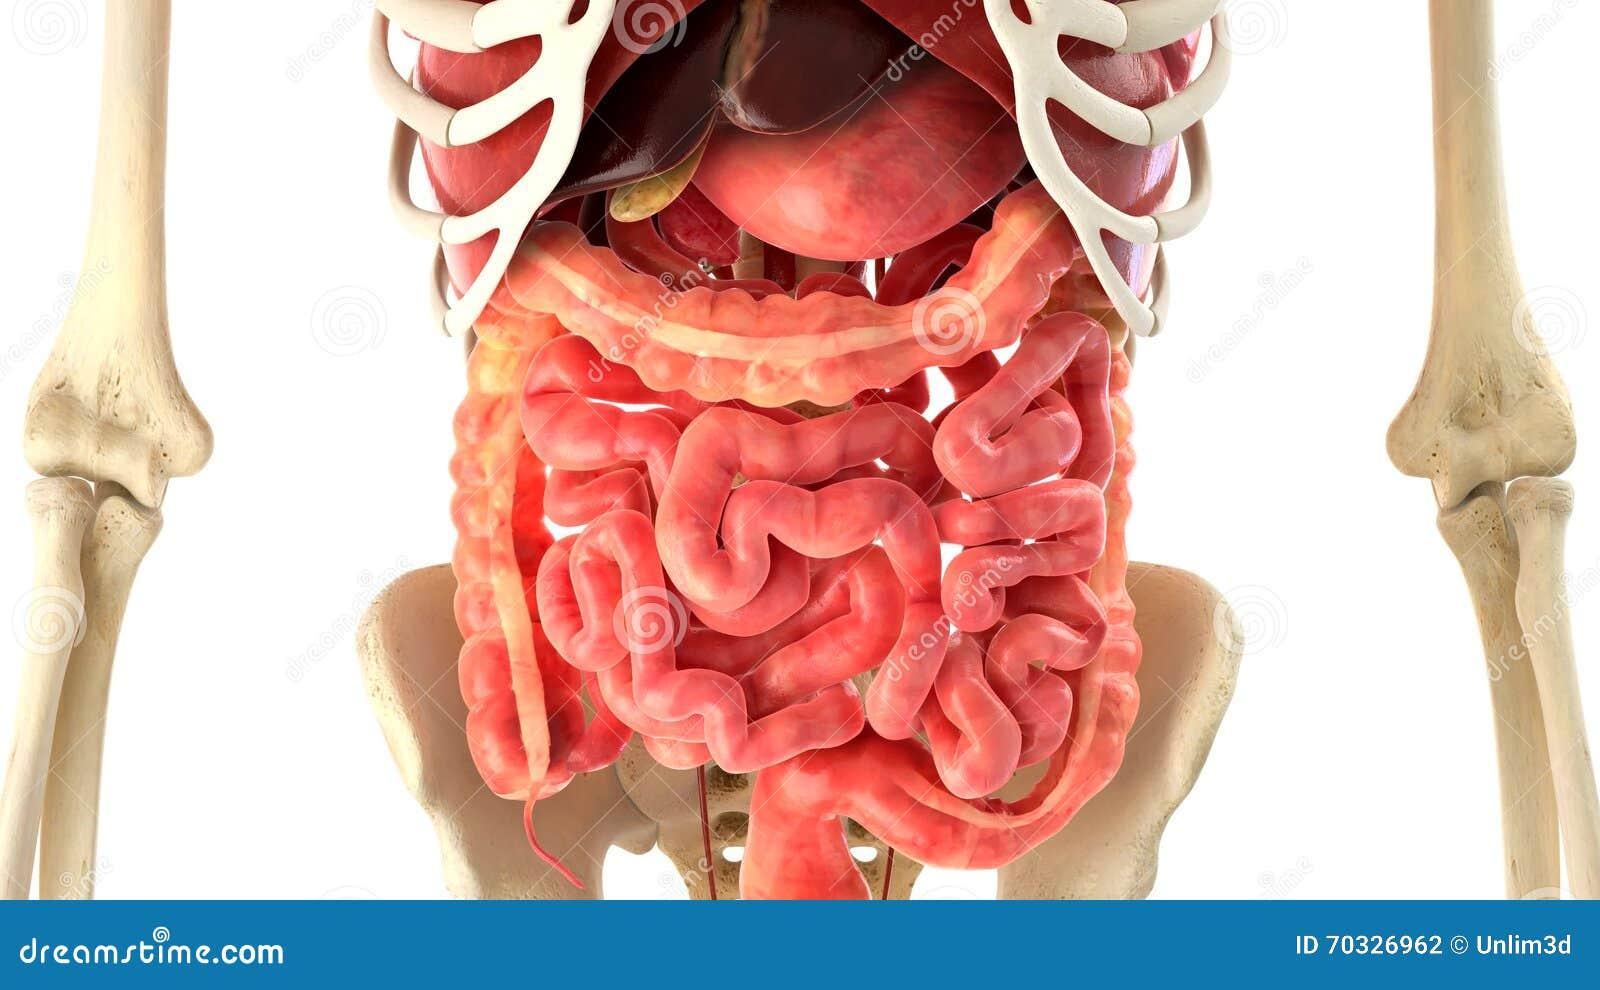 Hervorragend Menschlicher Körper Organe groß Und Dünndarm Stock Abbildung OA33